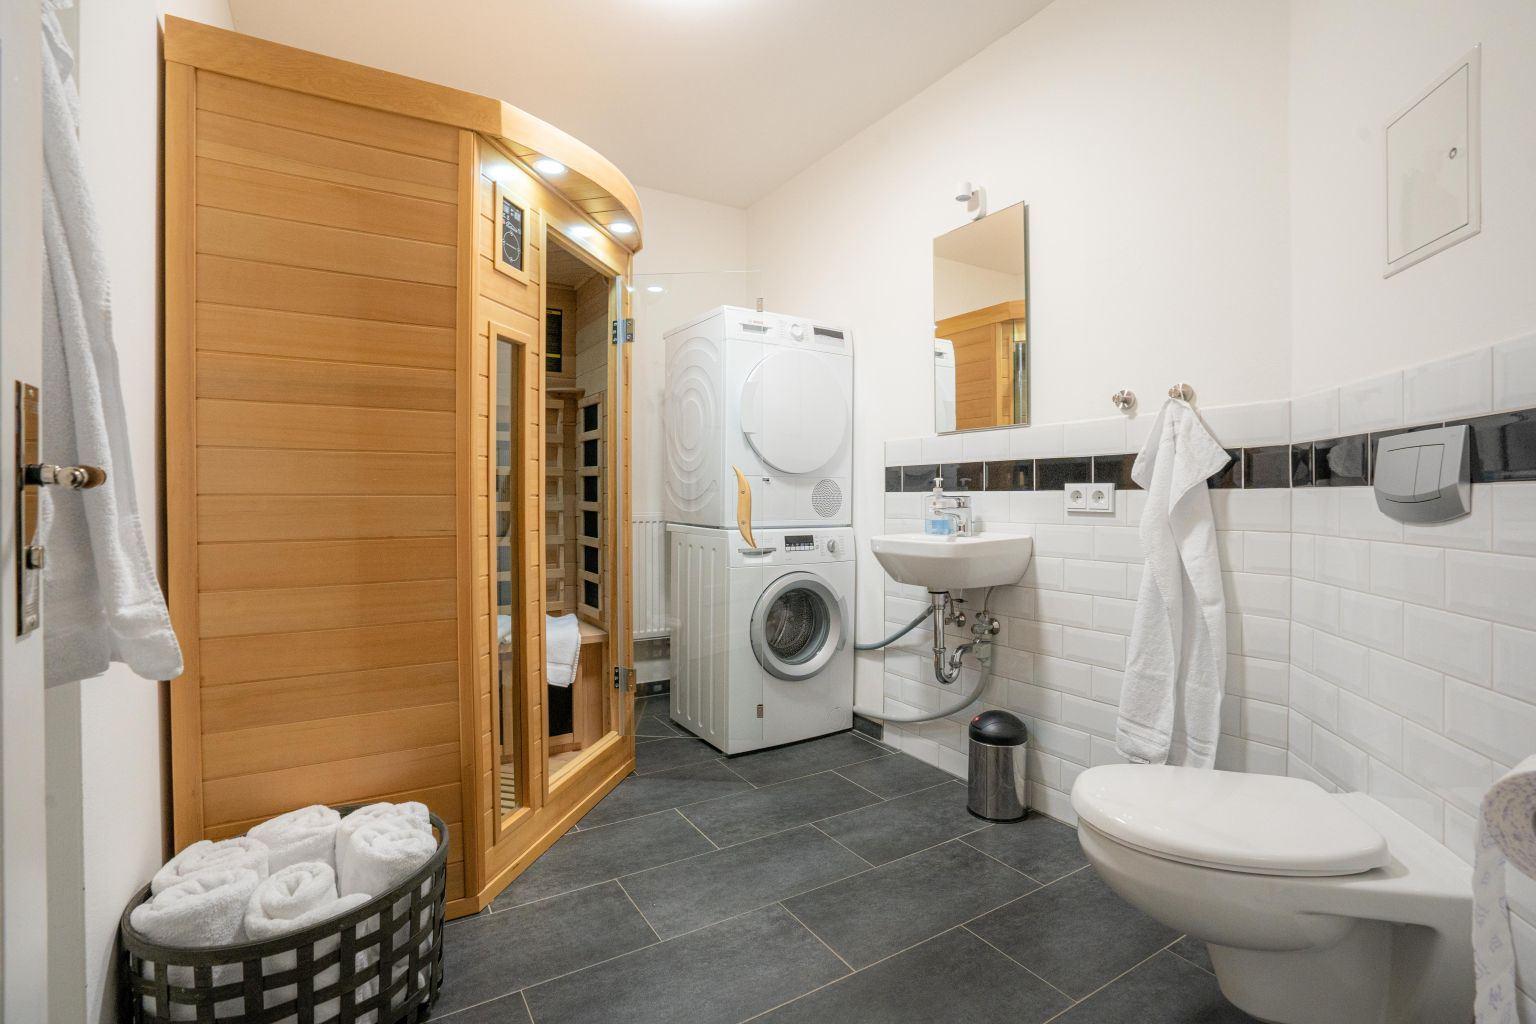 Abstell- und Waschraum mit Sauna